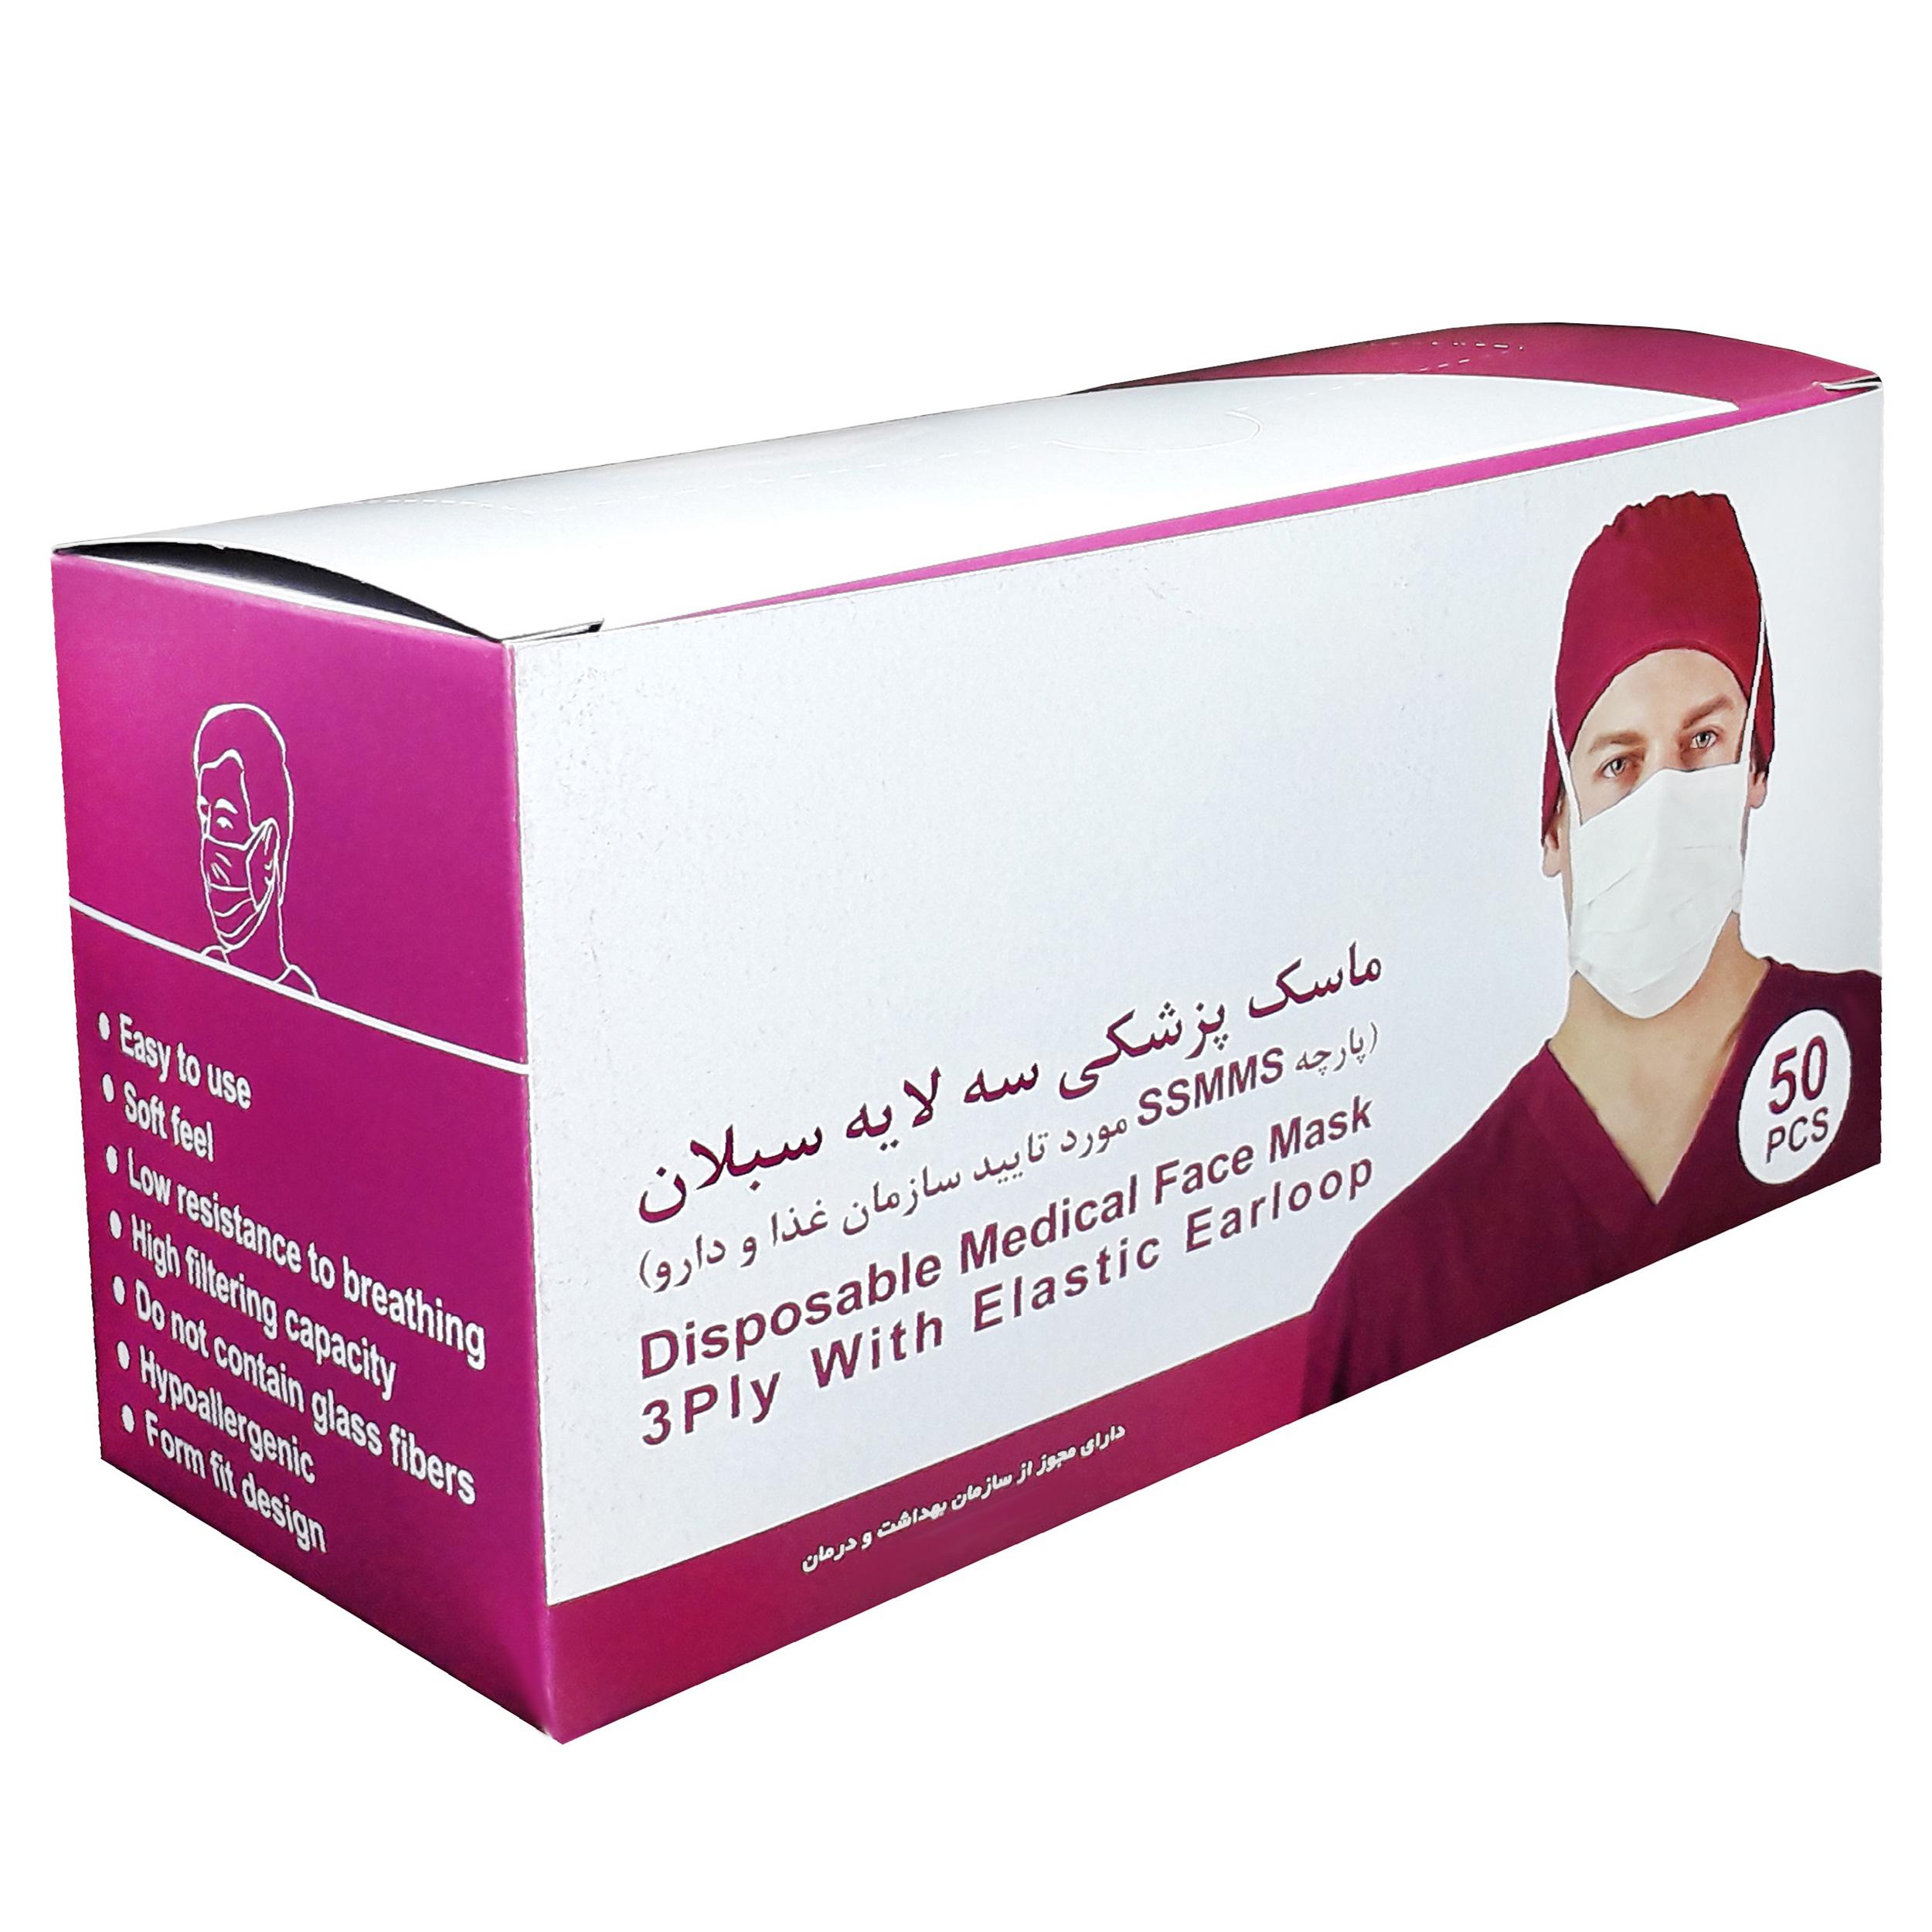 ماسک تنفسی سبلان مدل PAMLT بسته  50 عددی